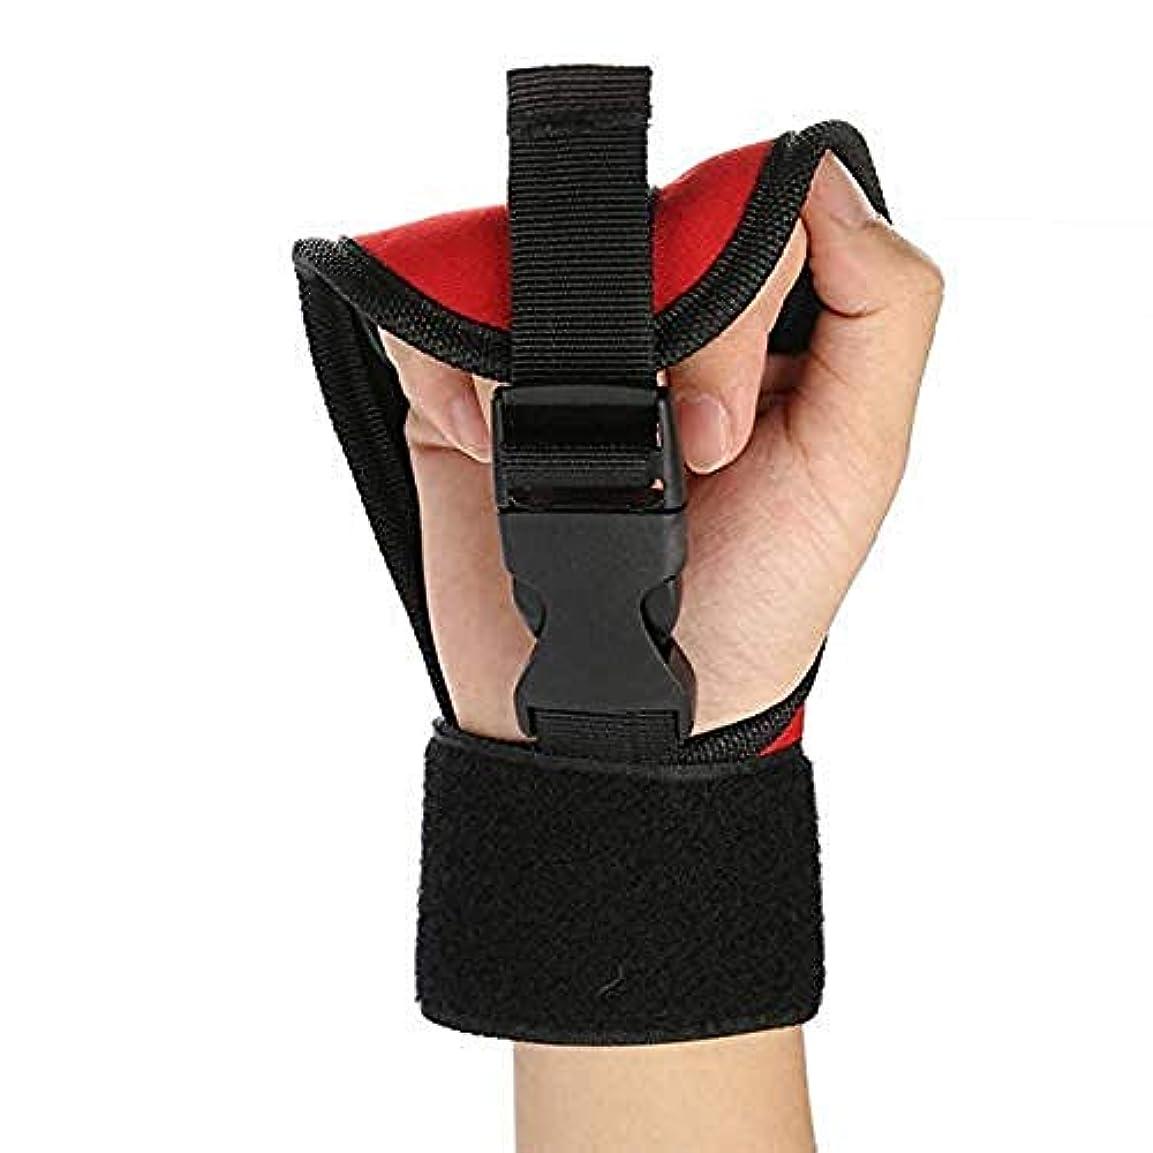 コード予想外イブ指の負傷のサポート、指の延長スプリント(ユニセクシャル)トレーニングハンドパンチ調節可能ストラップ,Buckle